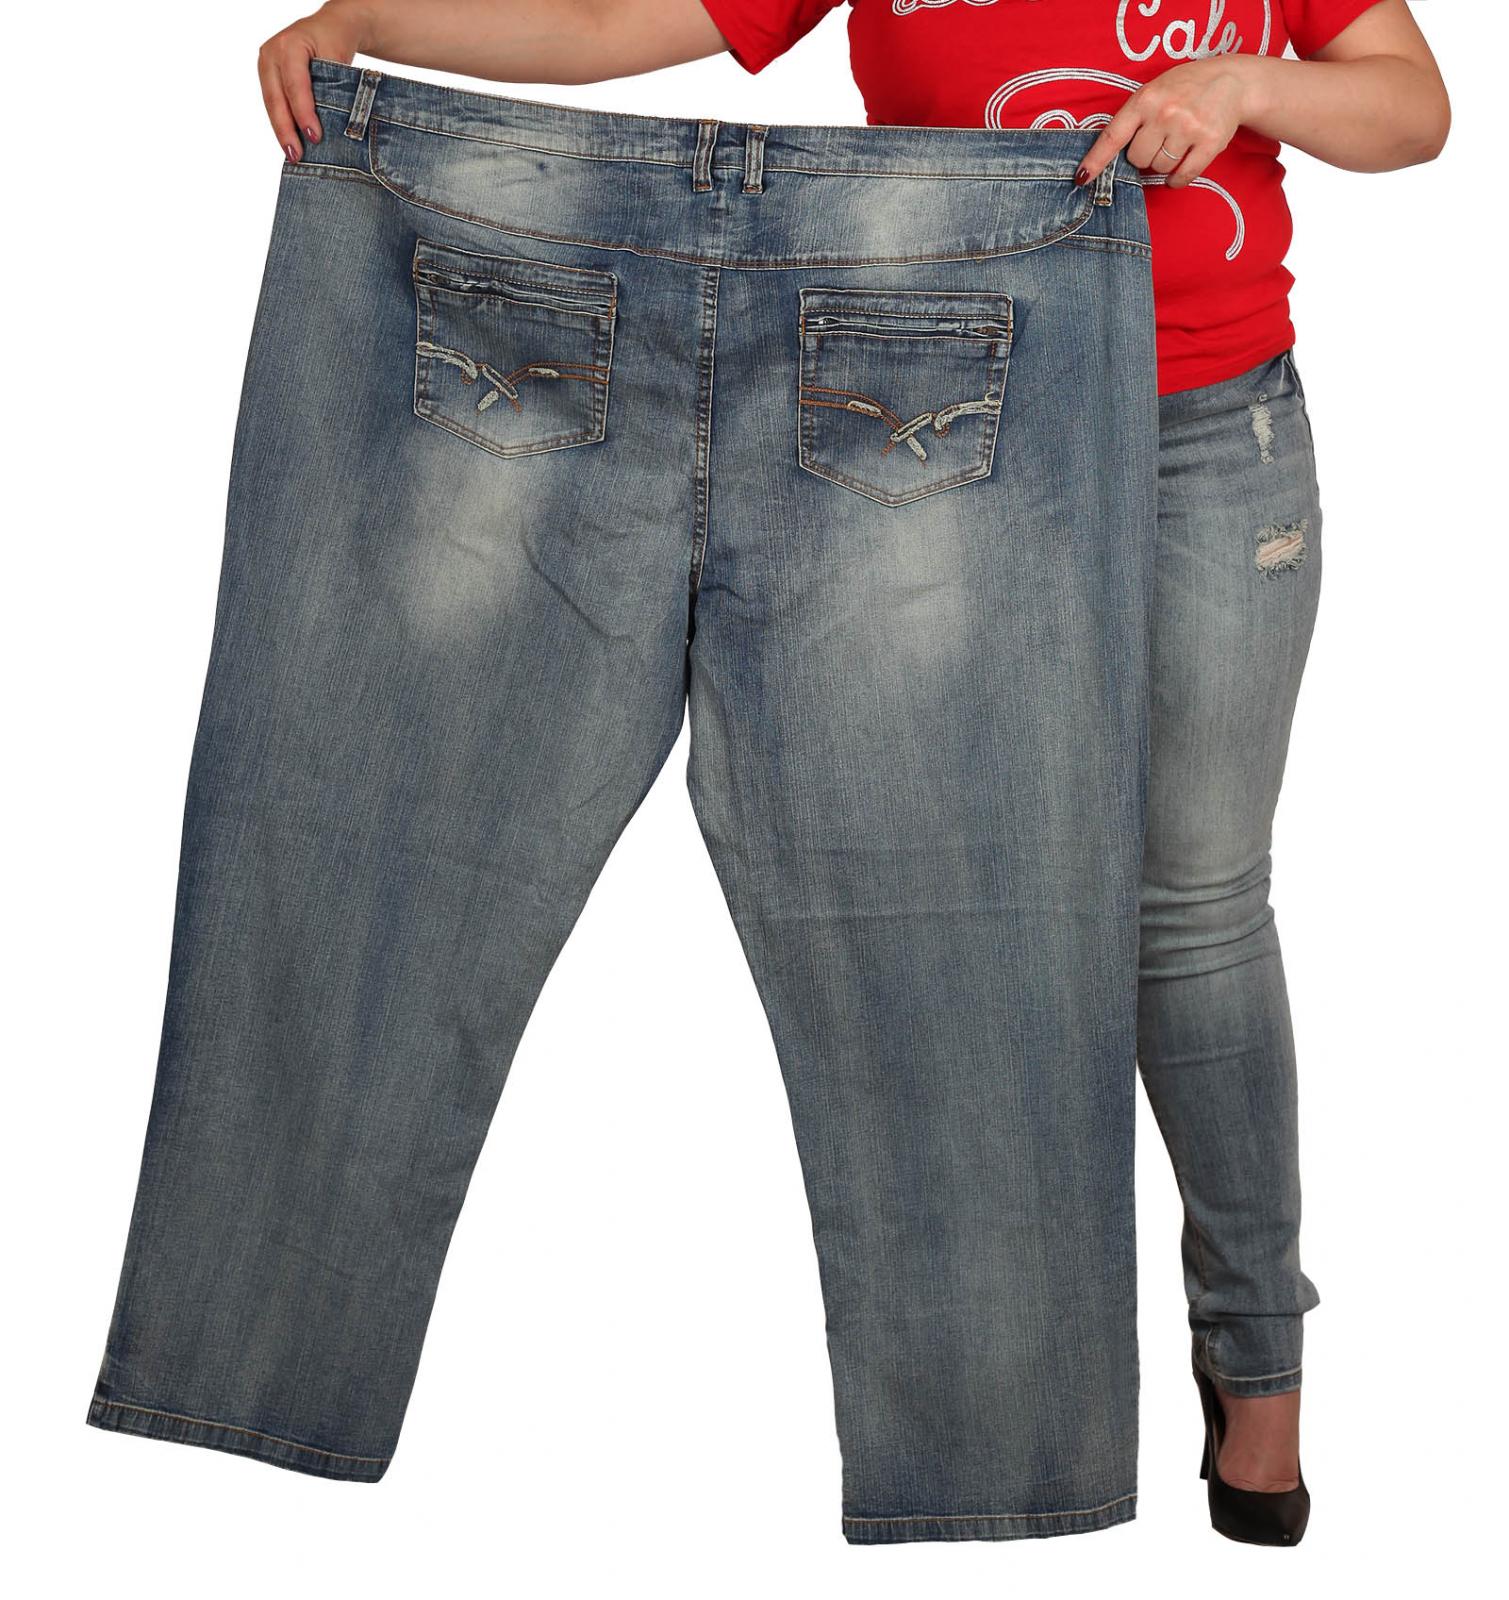 Самые большие джинсы в нашем магазине!